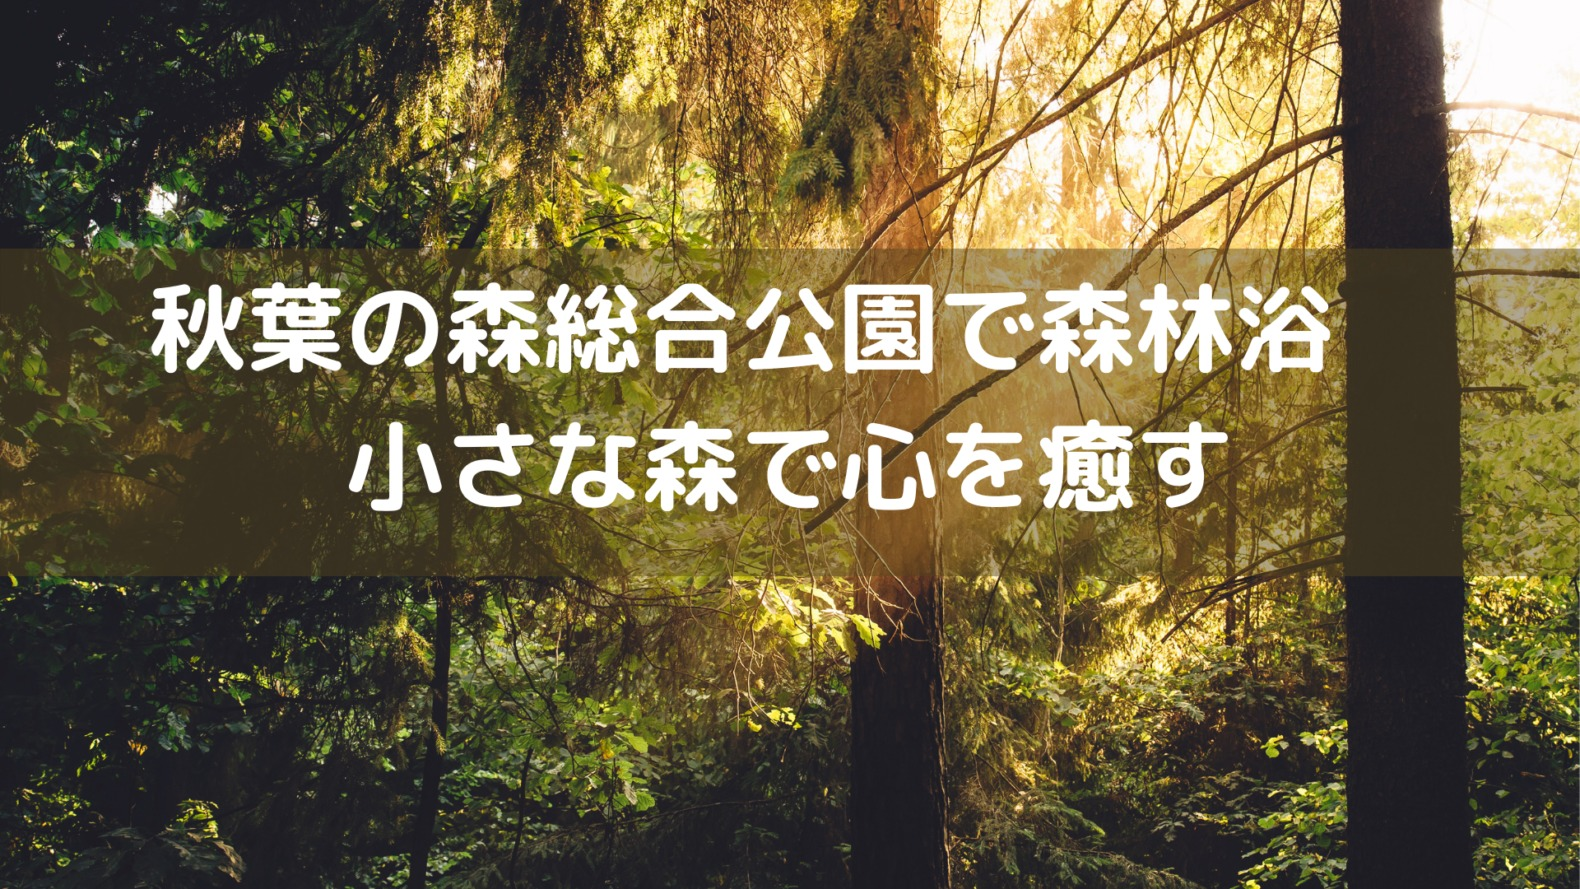 秋葉の森総合公園で森林浴 小さな森で心を癒すスポットブログアイキャッチ画像